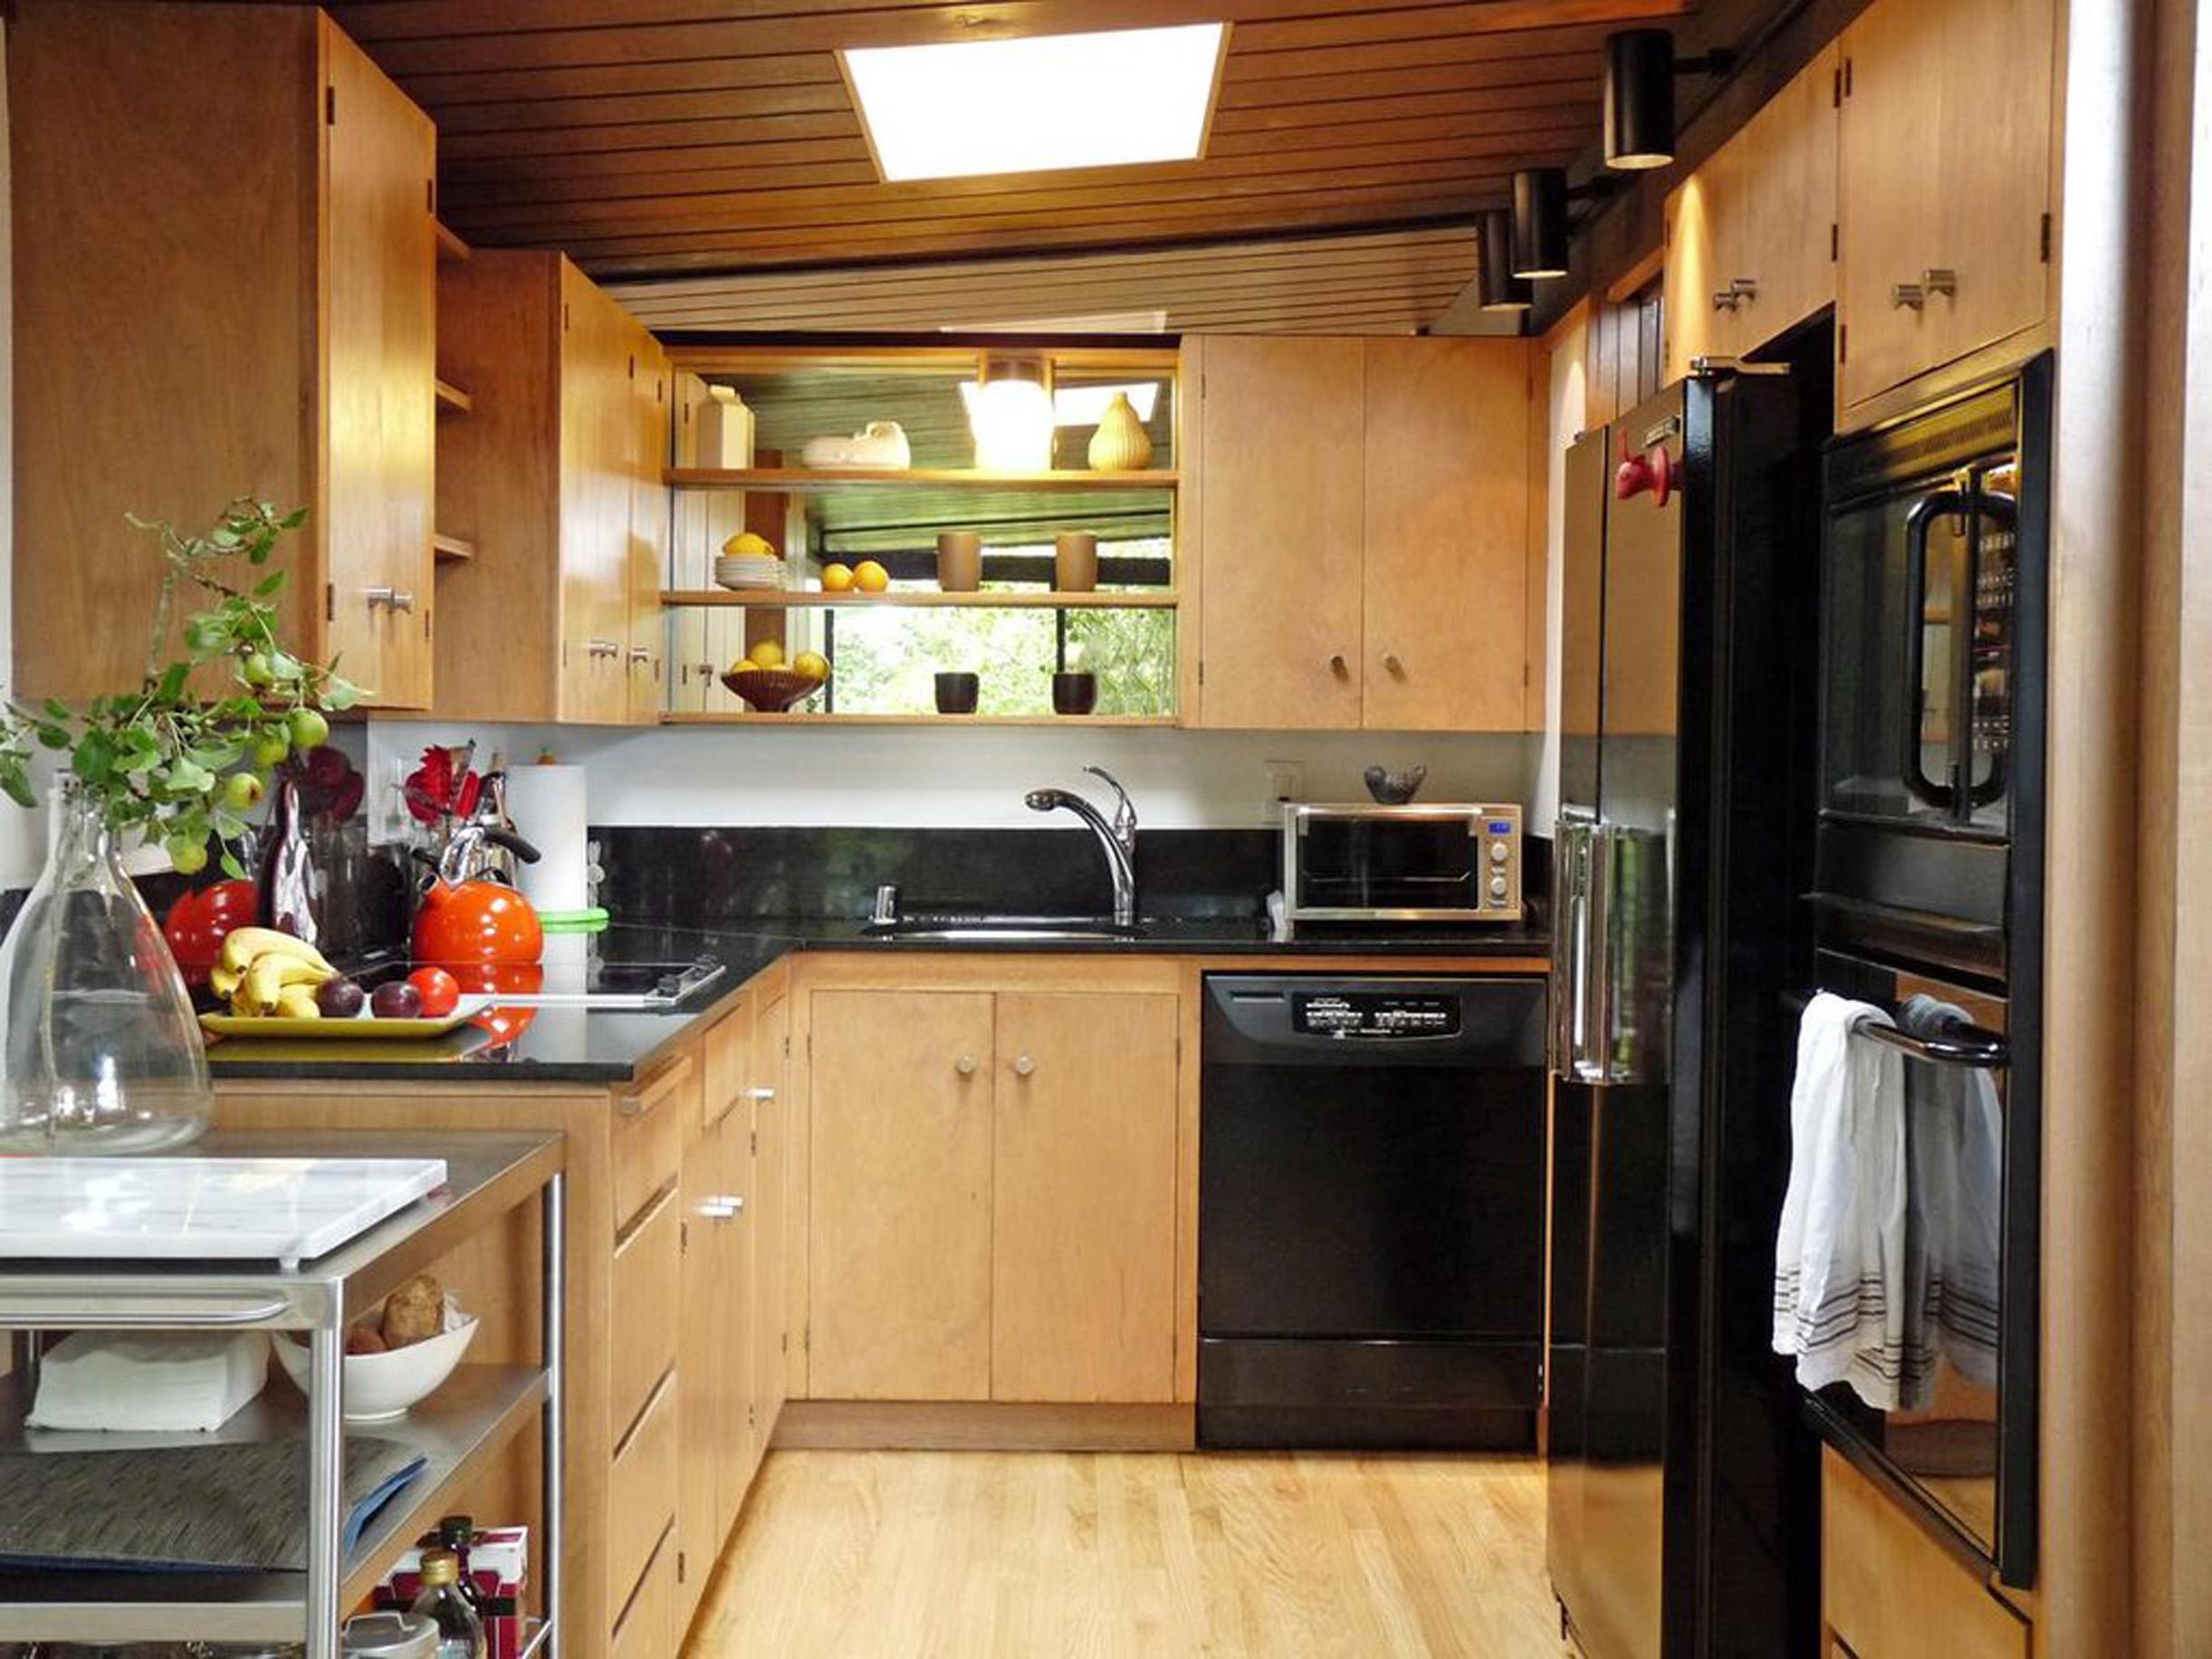 inspirerende-naturlig-hemmelige-of-brun-woody-køkken-design-in-lejlighed-dejlig-og-specielle-ideer-til-apartmanen-køkken-design